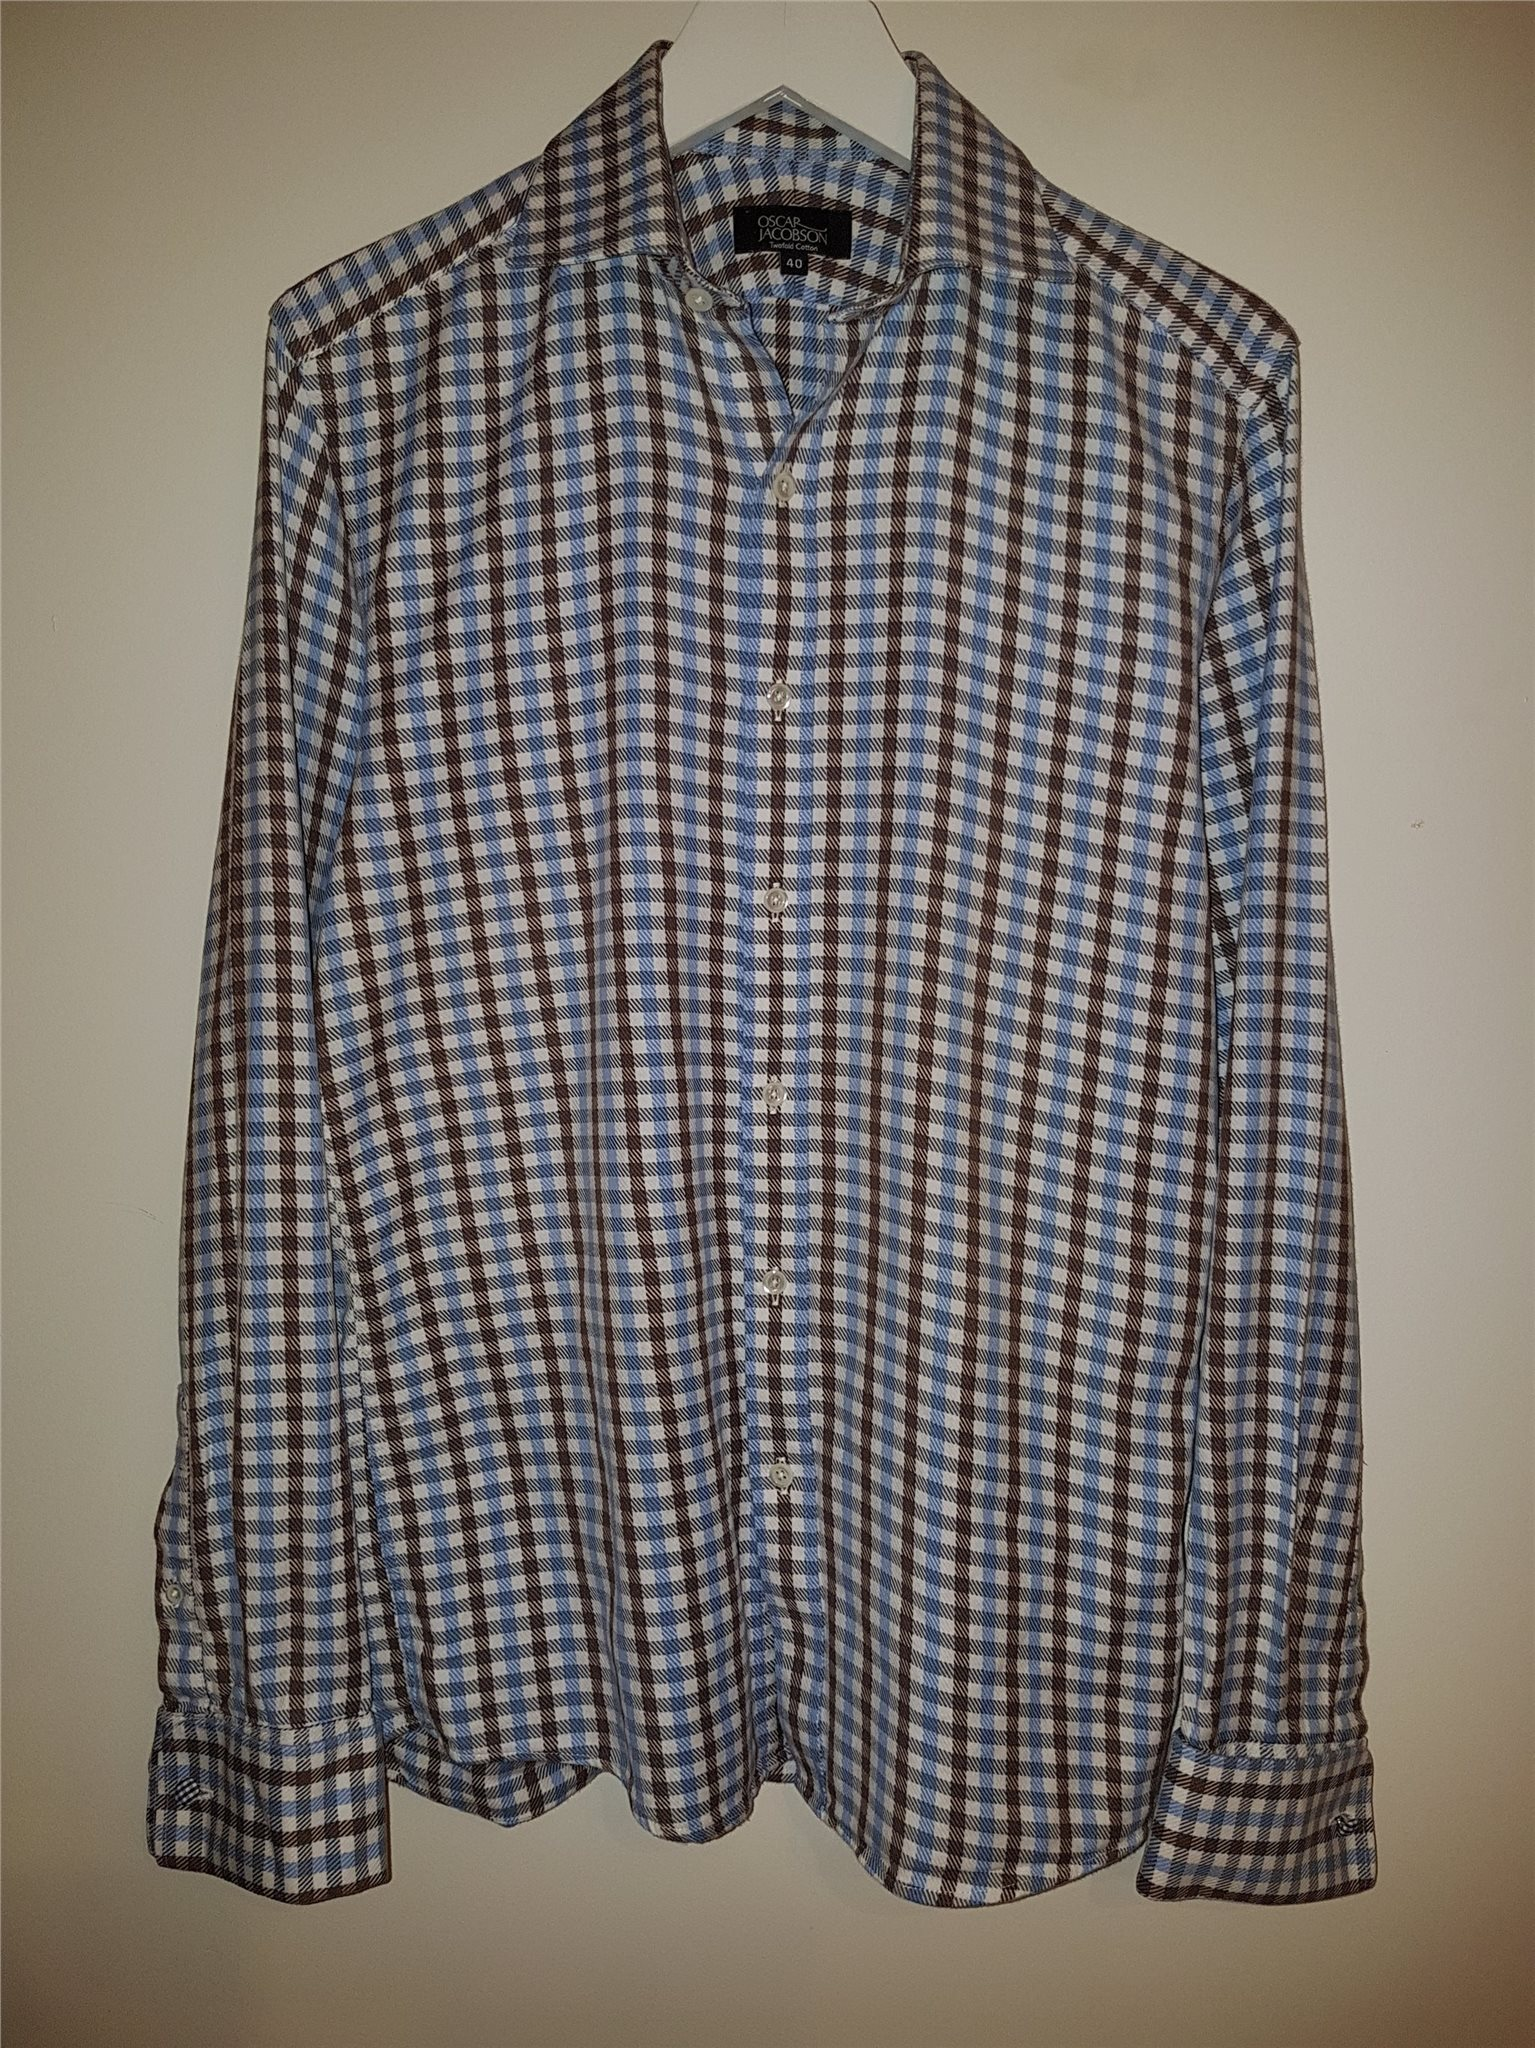 OSCAR of SWEDEN Two Fold skjorta. Storlek 40. på Tradera.com - cbaf1d1ccfce1